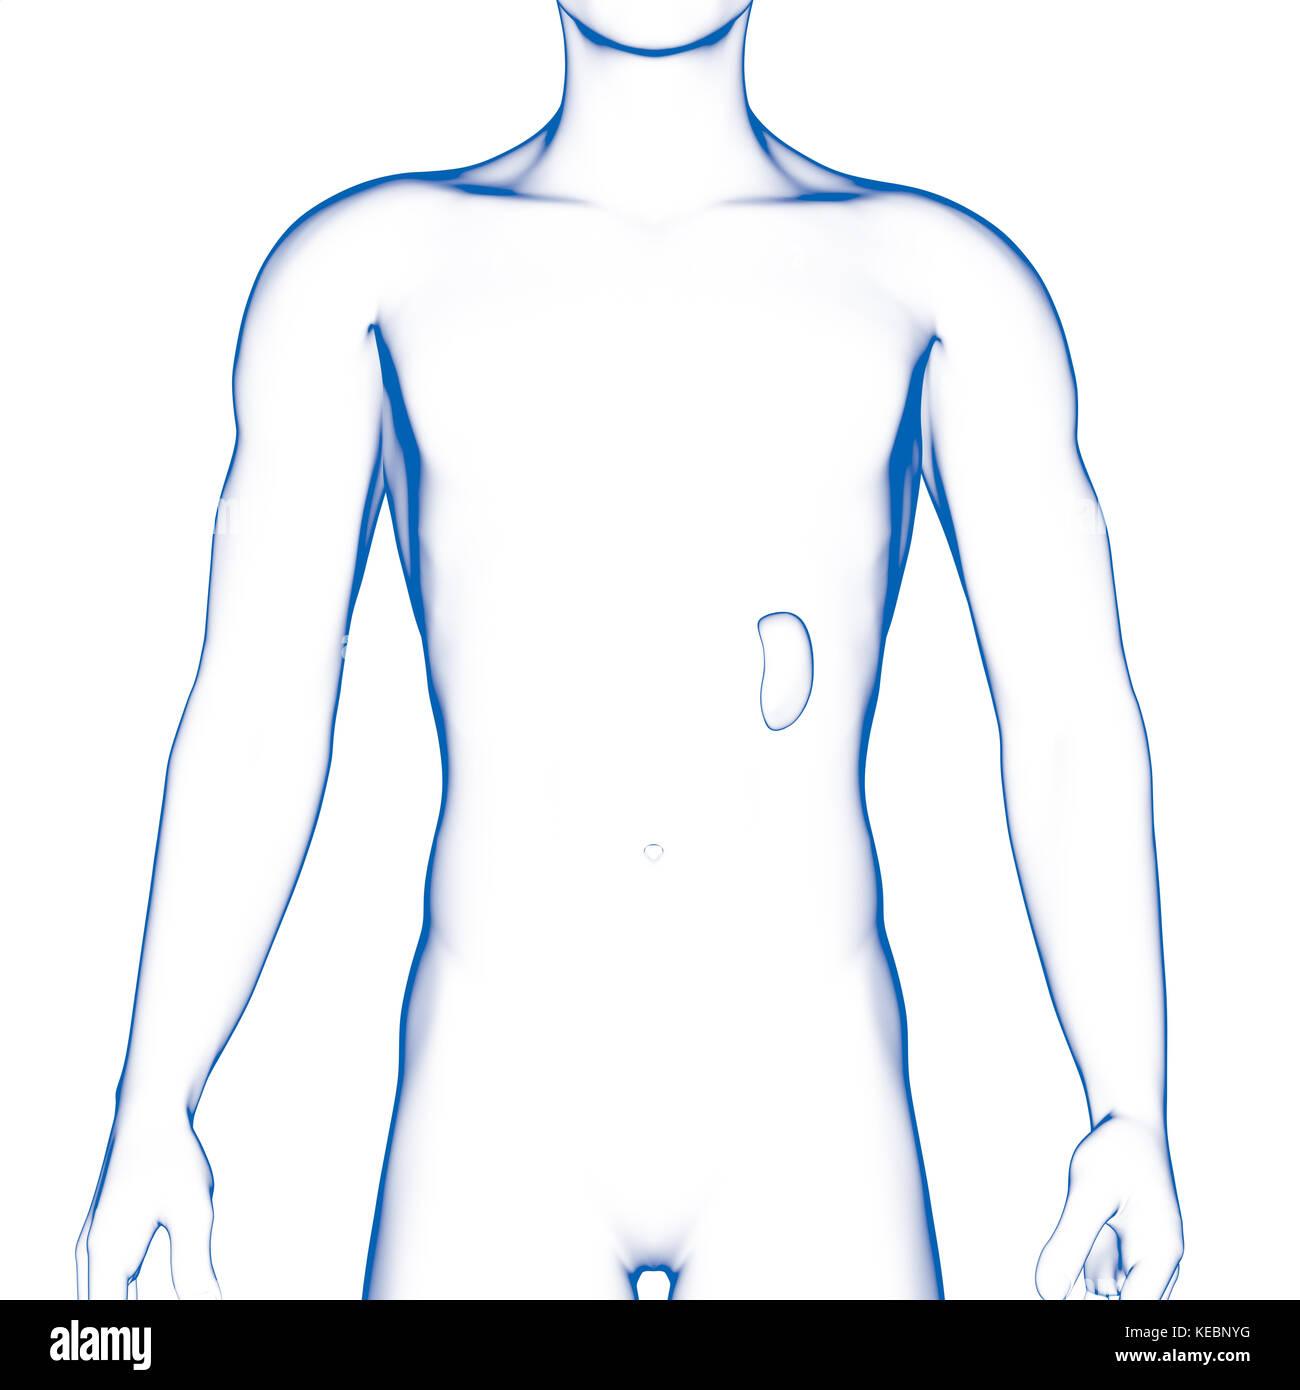 Dorable Imagen De Un Bazo En El Cuerpo Humano Friso - Anatomía de ...